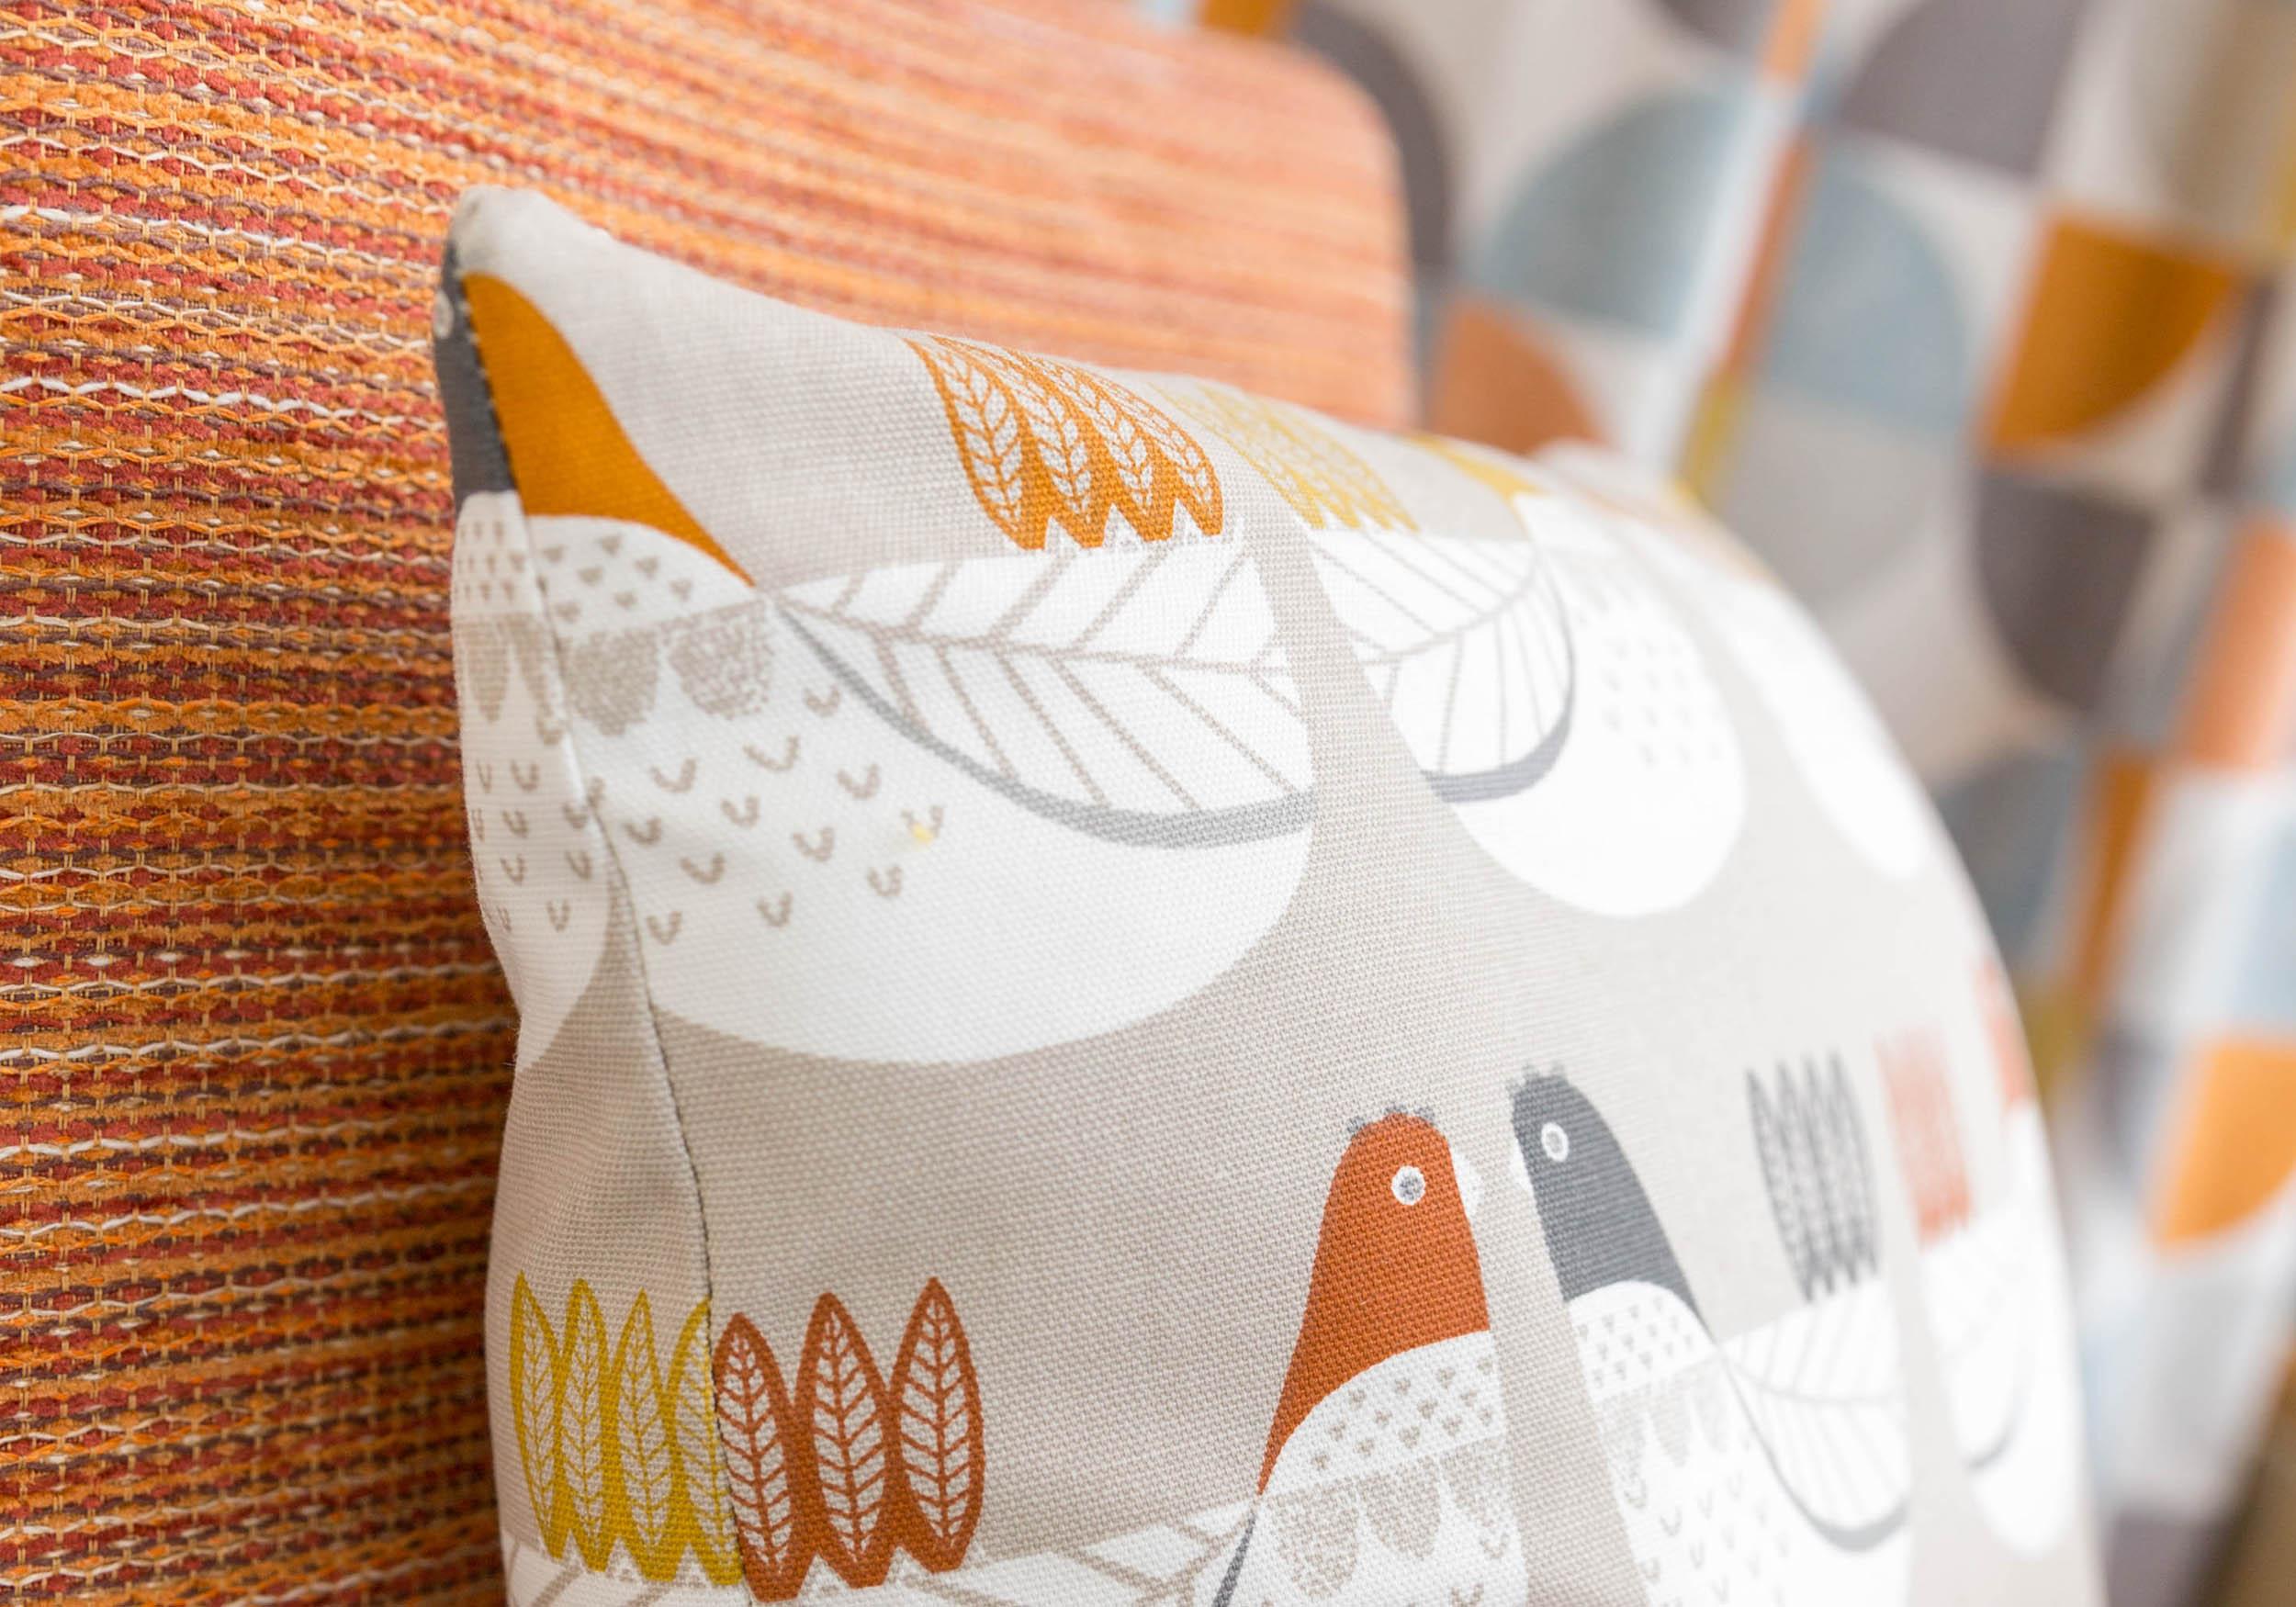 lesley-james-handmade-soft-furnishings-swansea.jpg